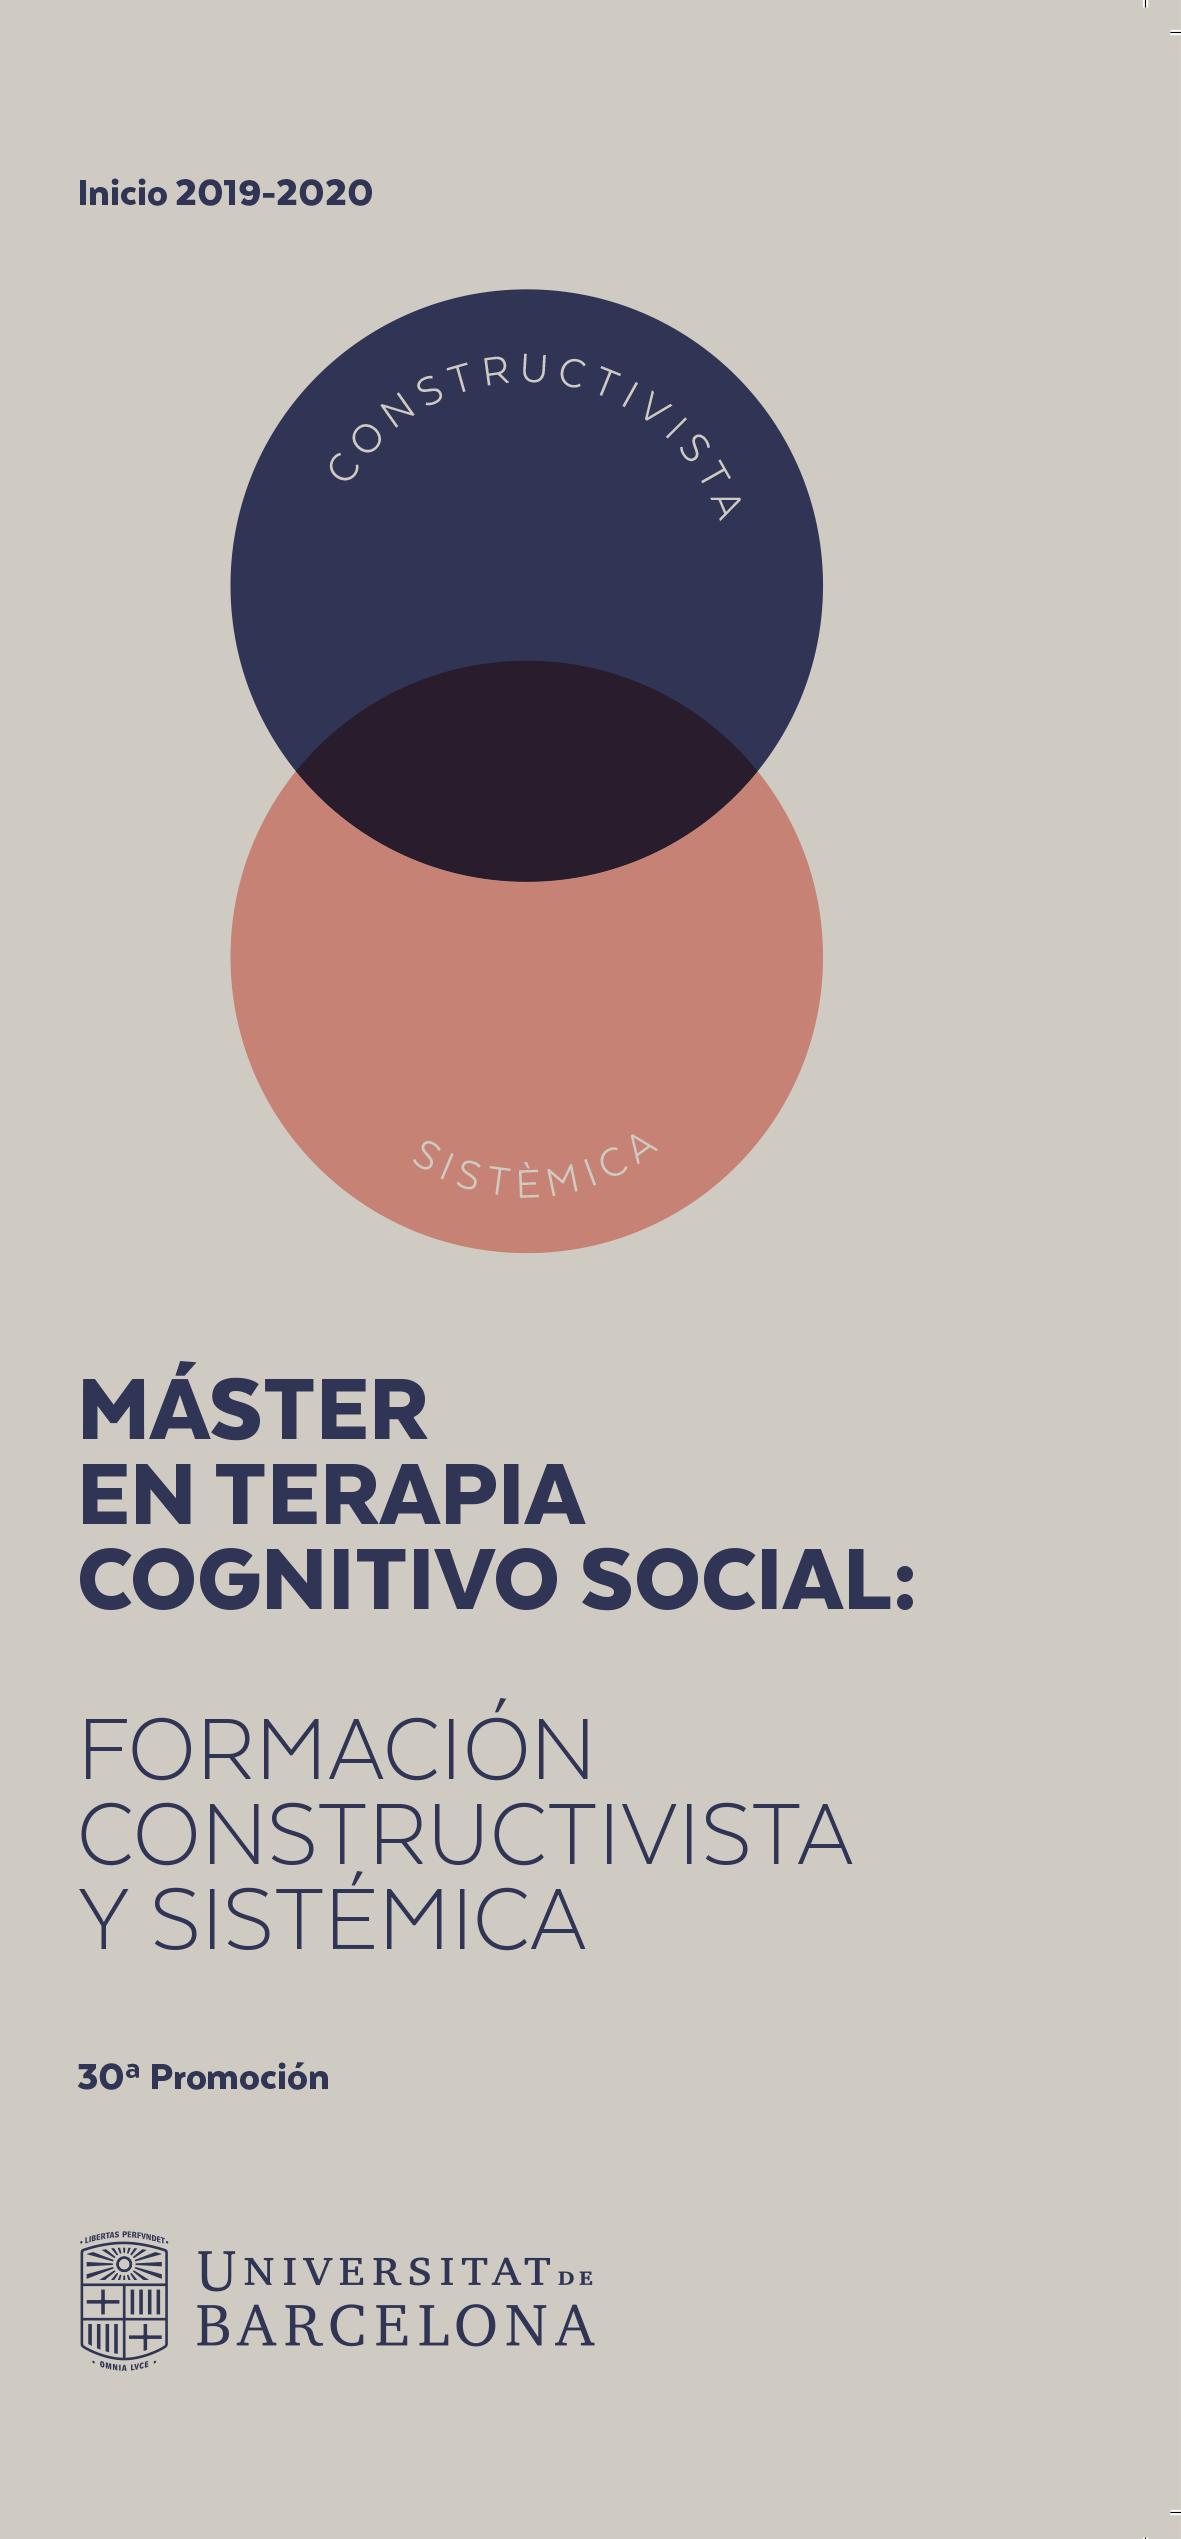 Máster en Terapia Cognitivo Social